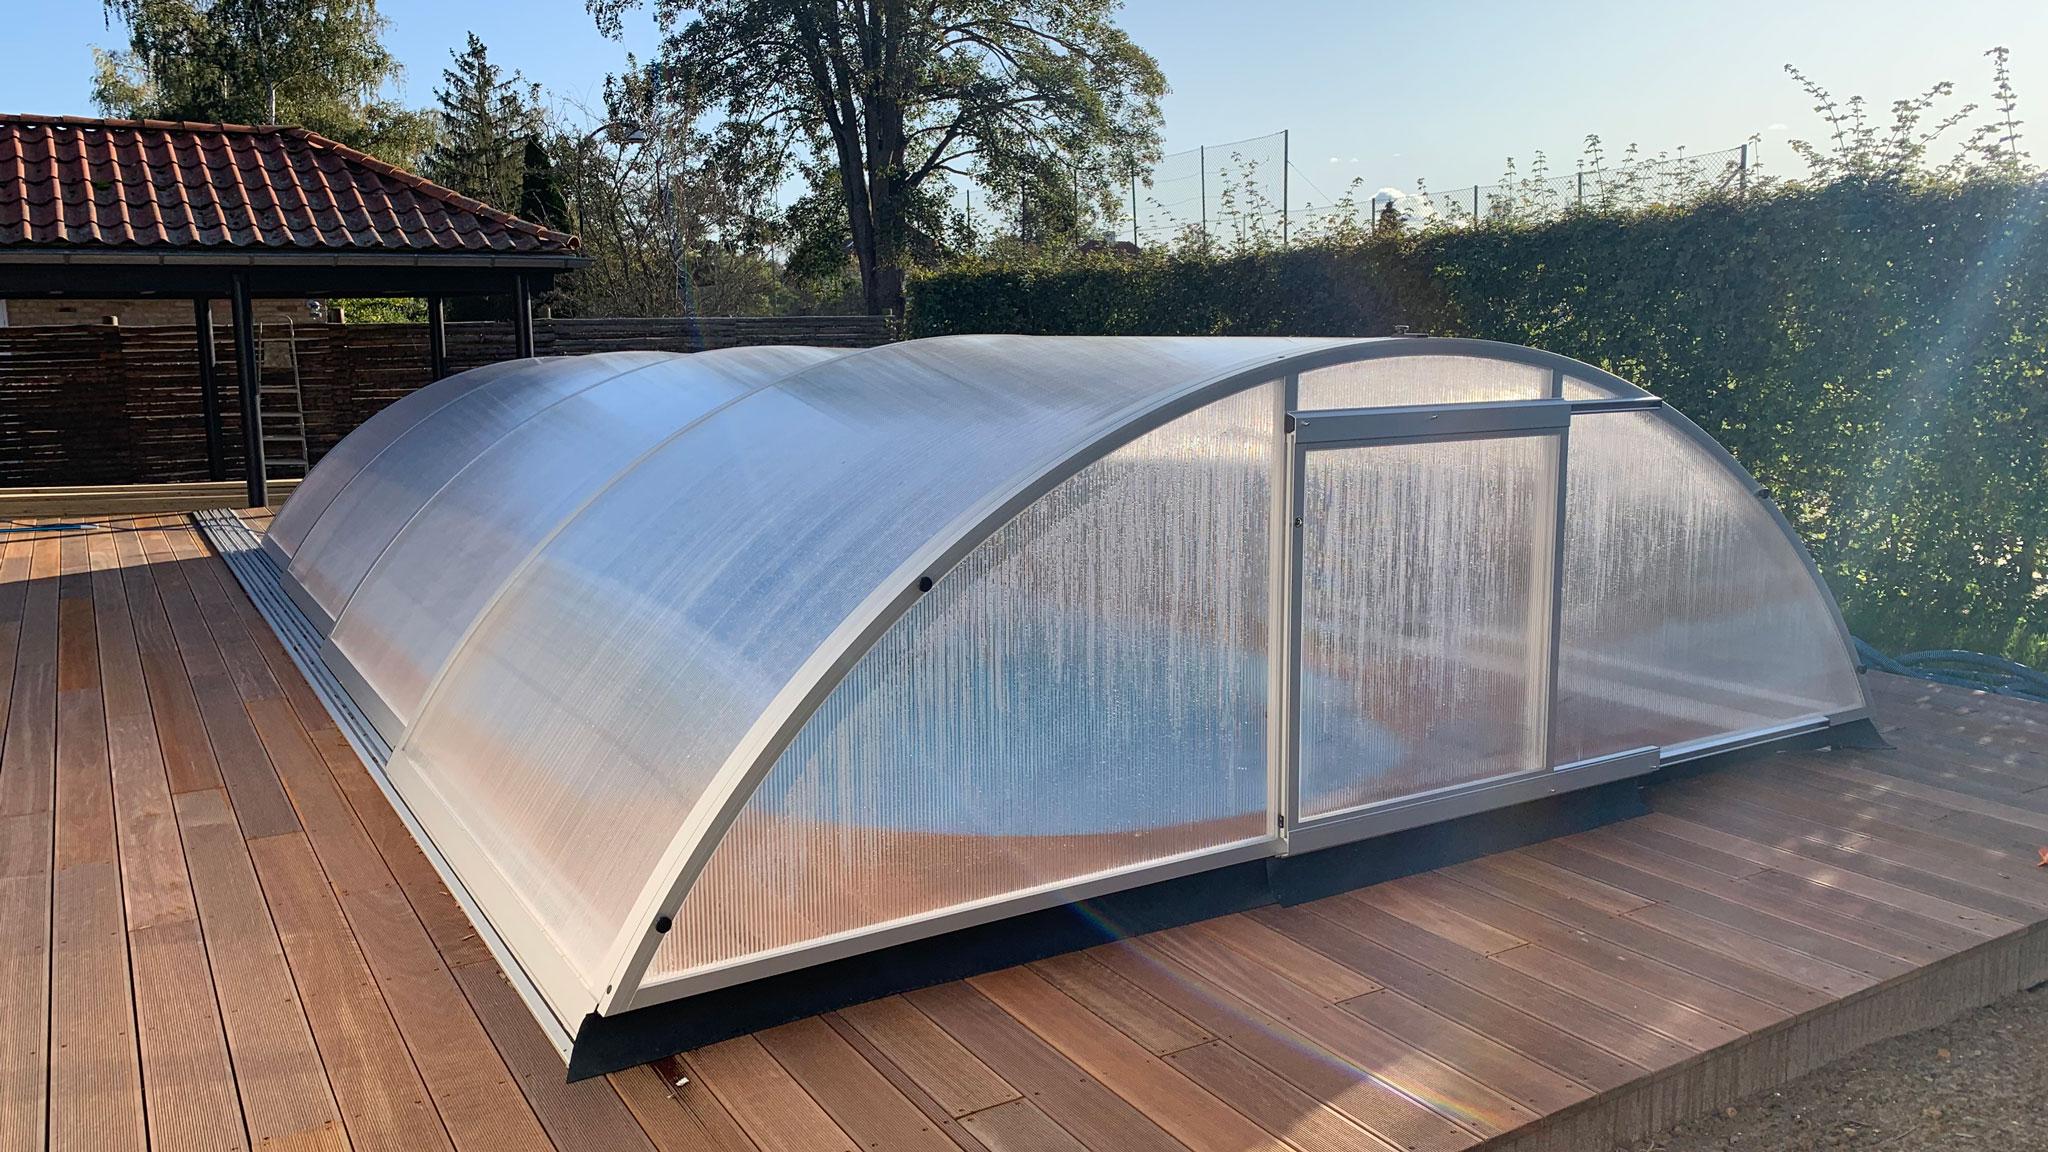 Overdækning med buet pooltag til glasfiber pool